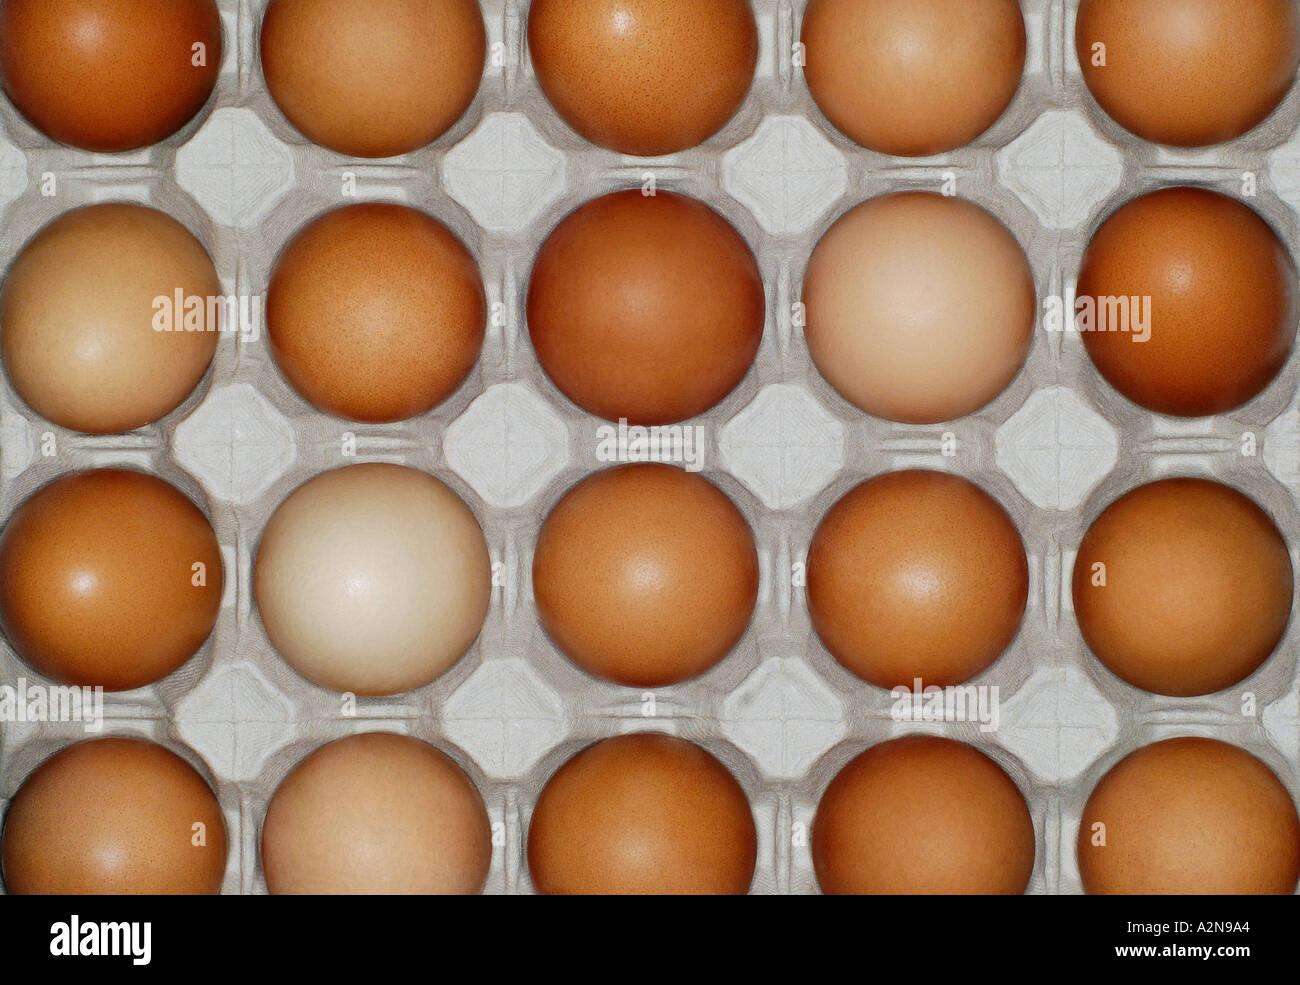 Uova sfondo in una confezione di uova Immagini Stock